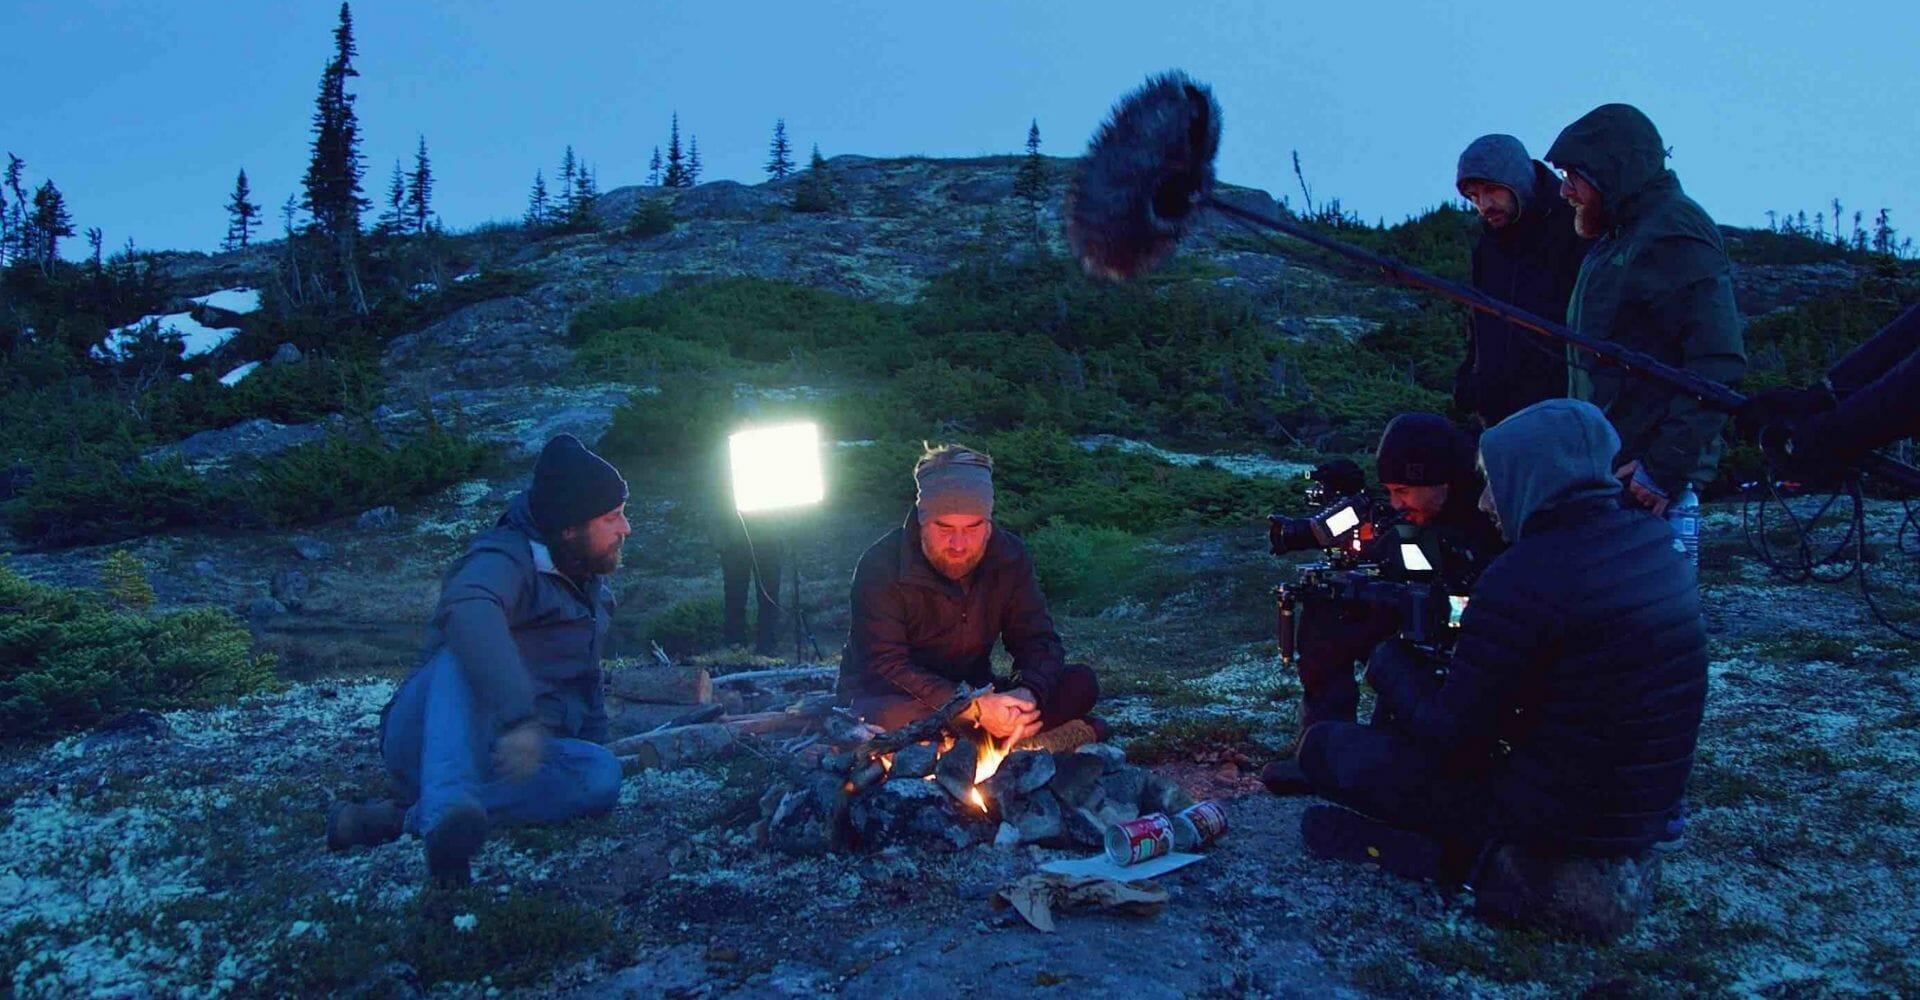 Con Paolo Cognetti al cinema un viaggio letterario dalle Alpi all'Alaska